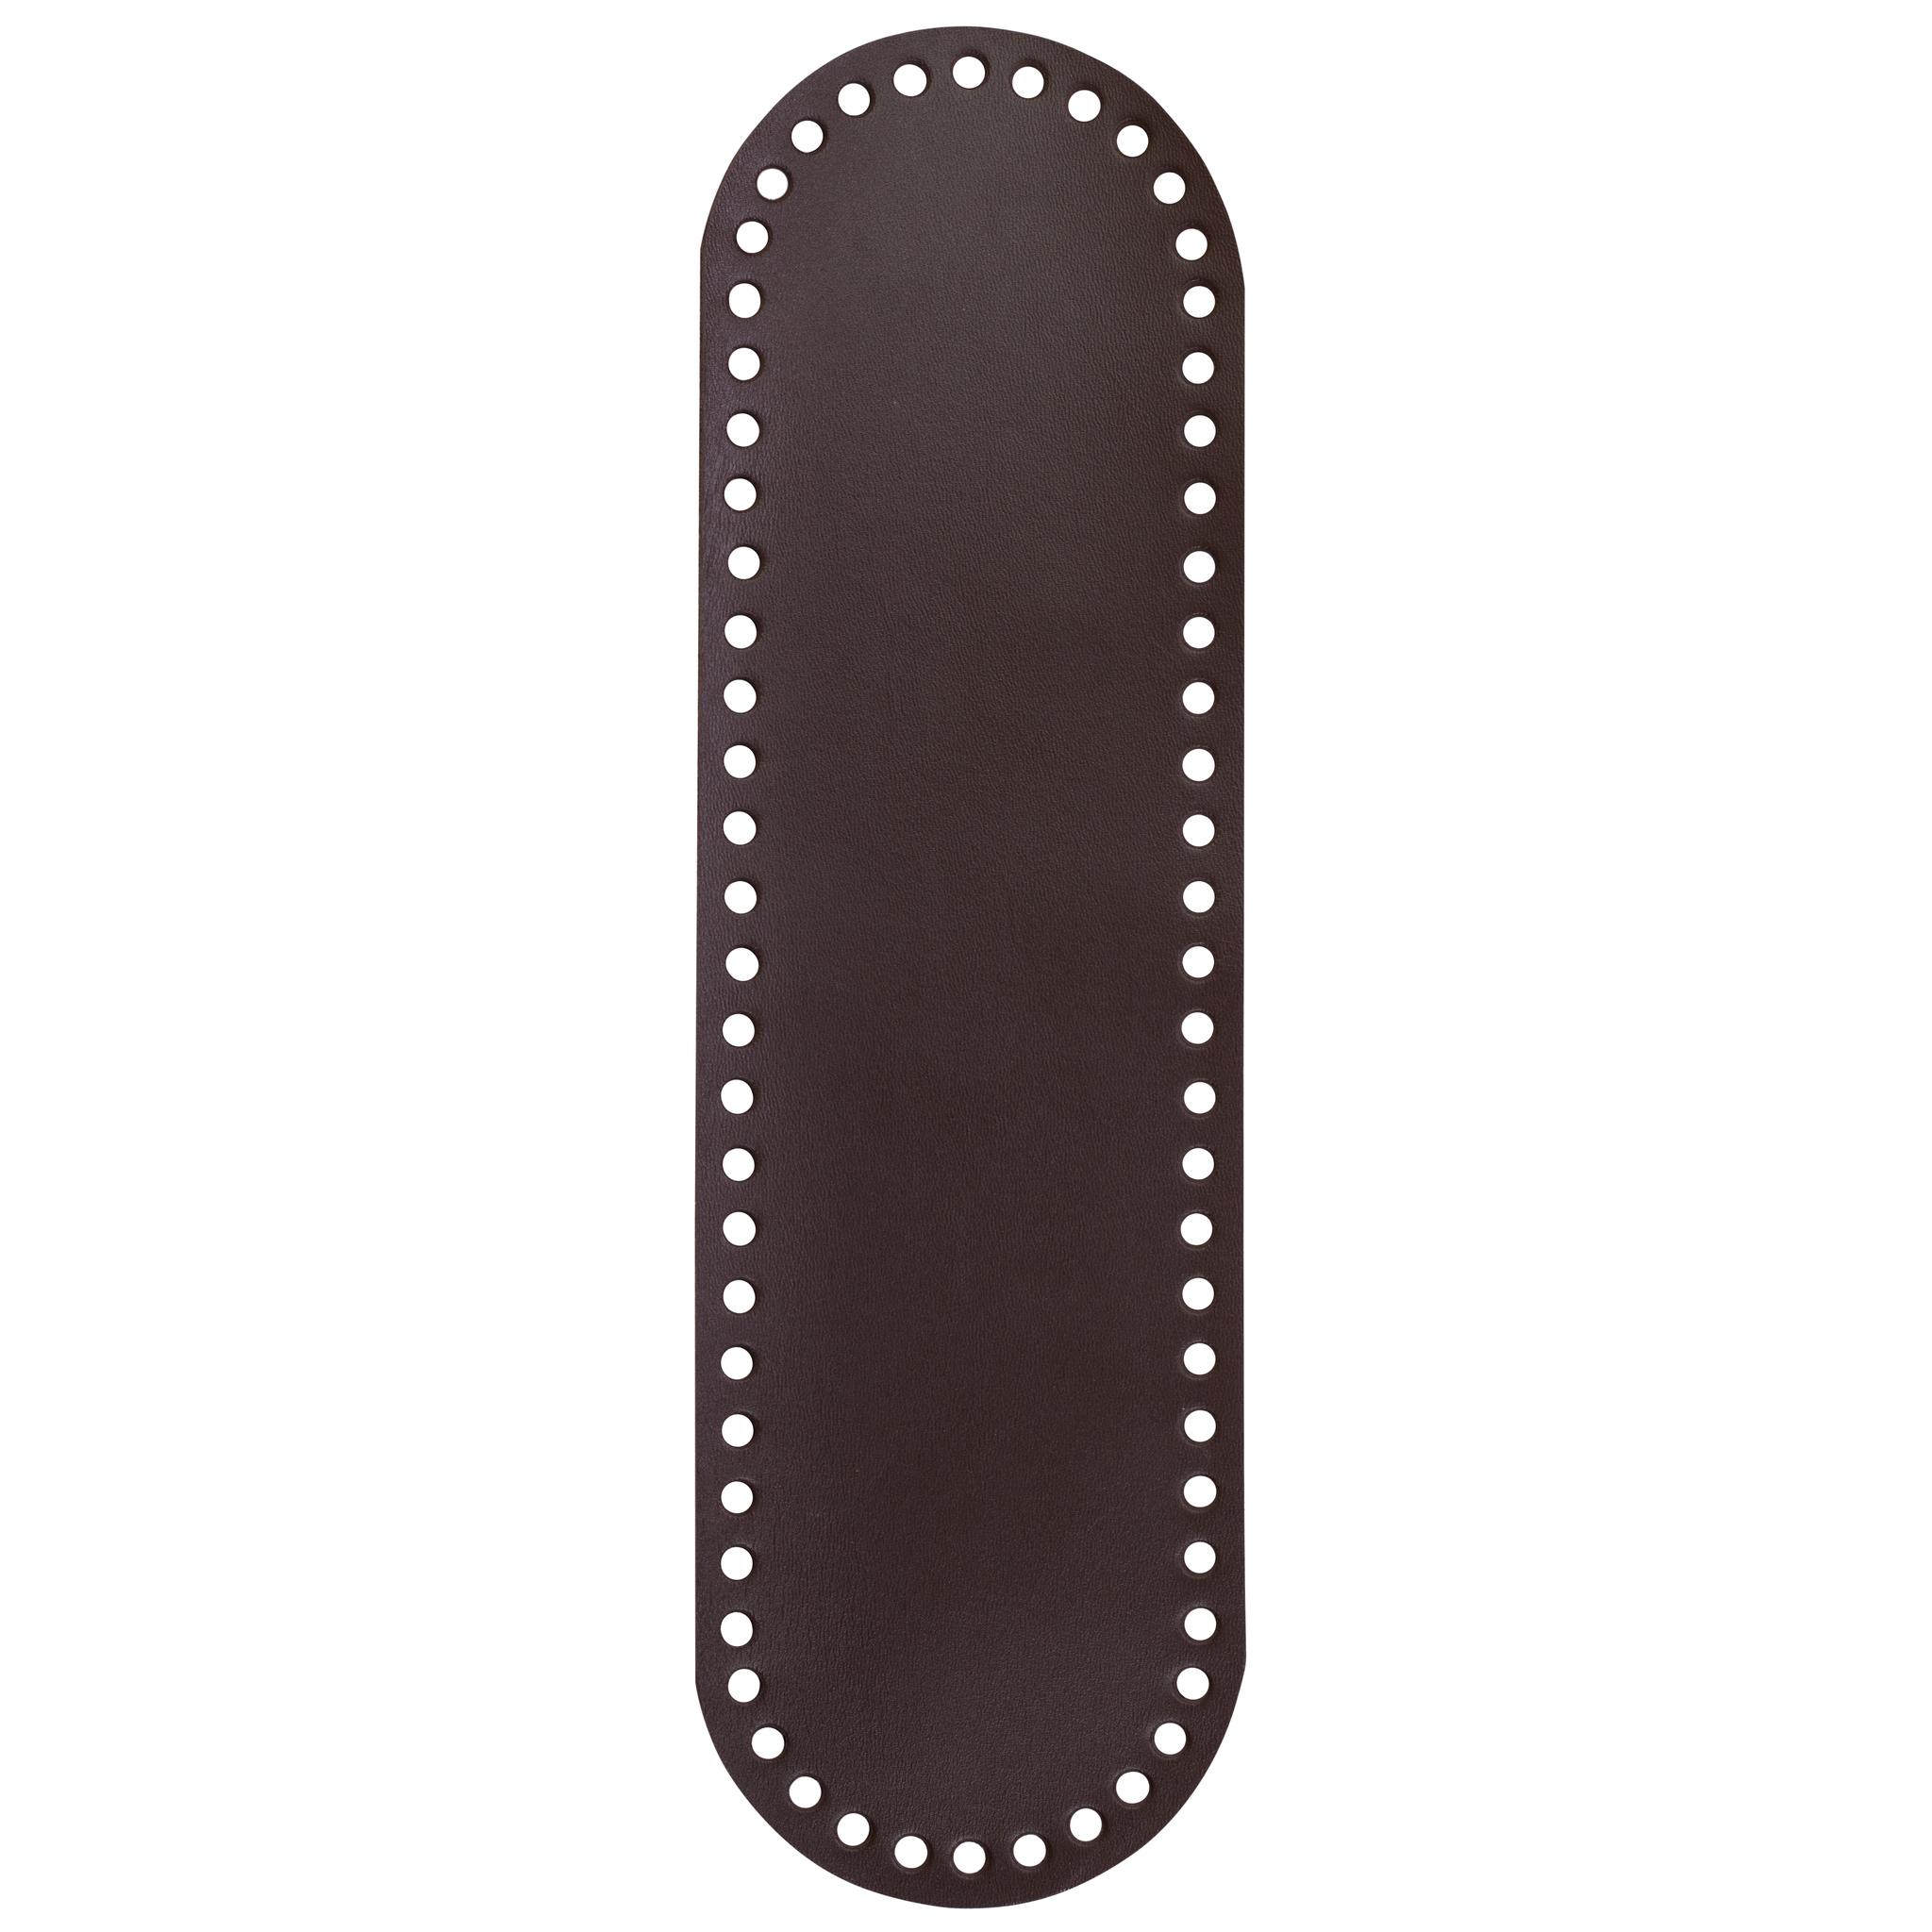 Вся фурнитура Дно. Натуральная кожа темно-коричневое  32,5см*9,4см*2,5мм IMG_1193.jpg